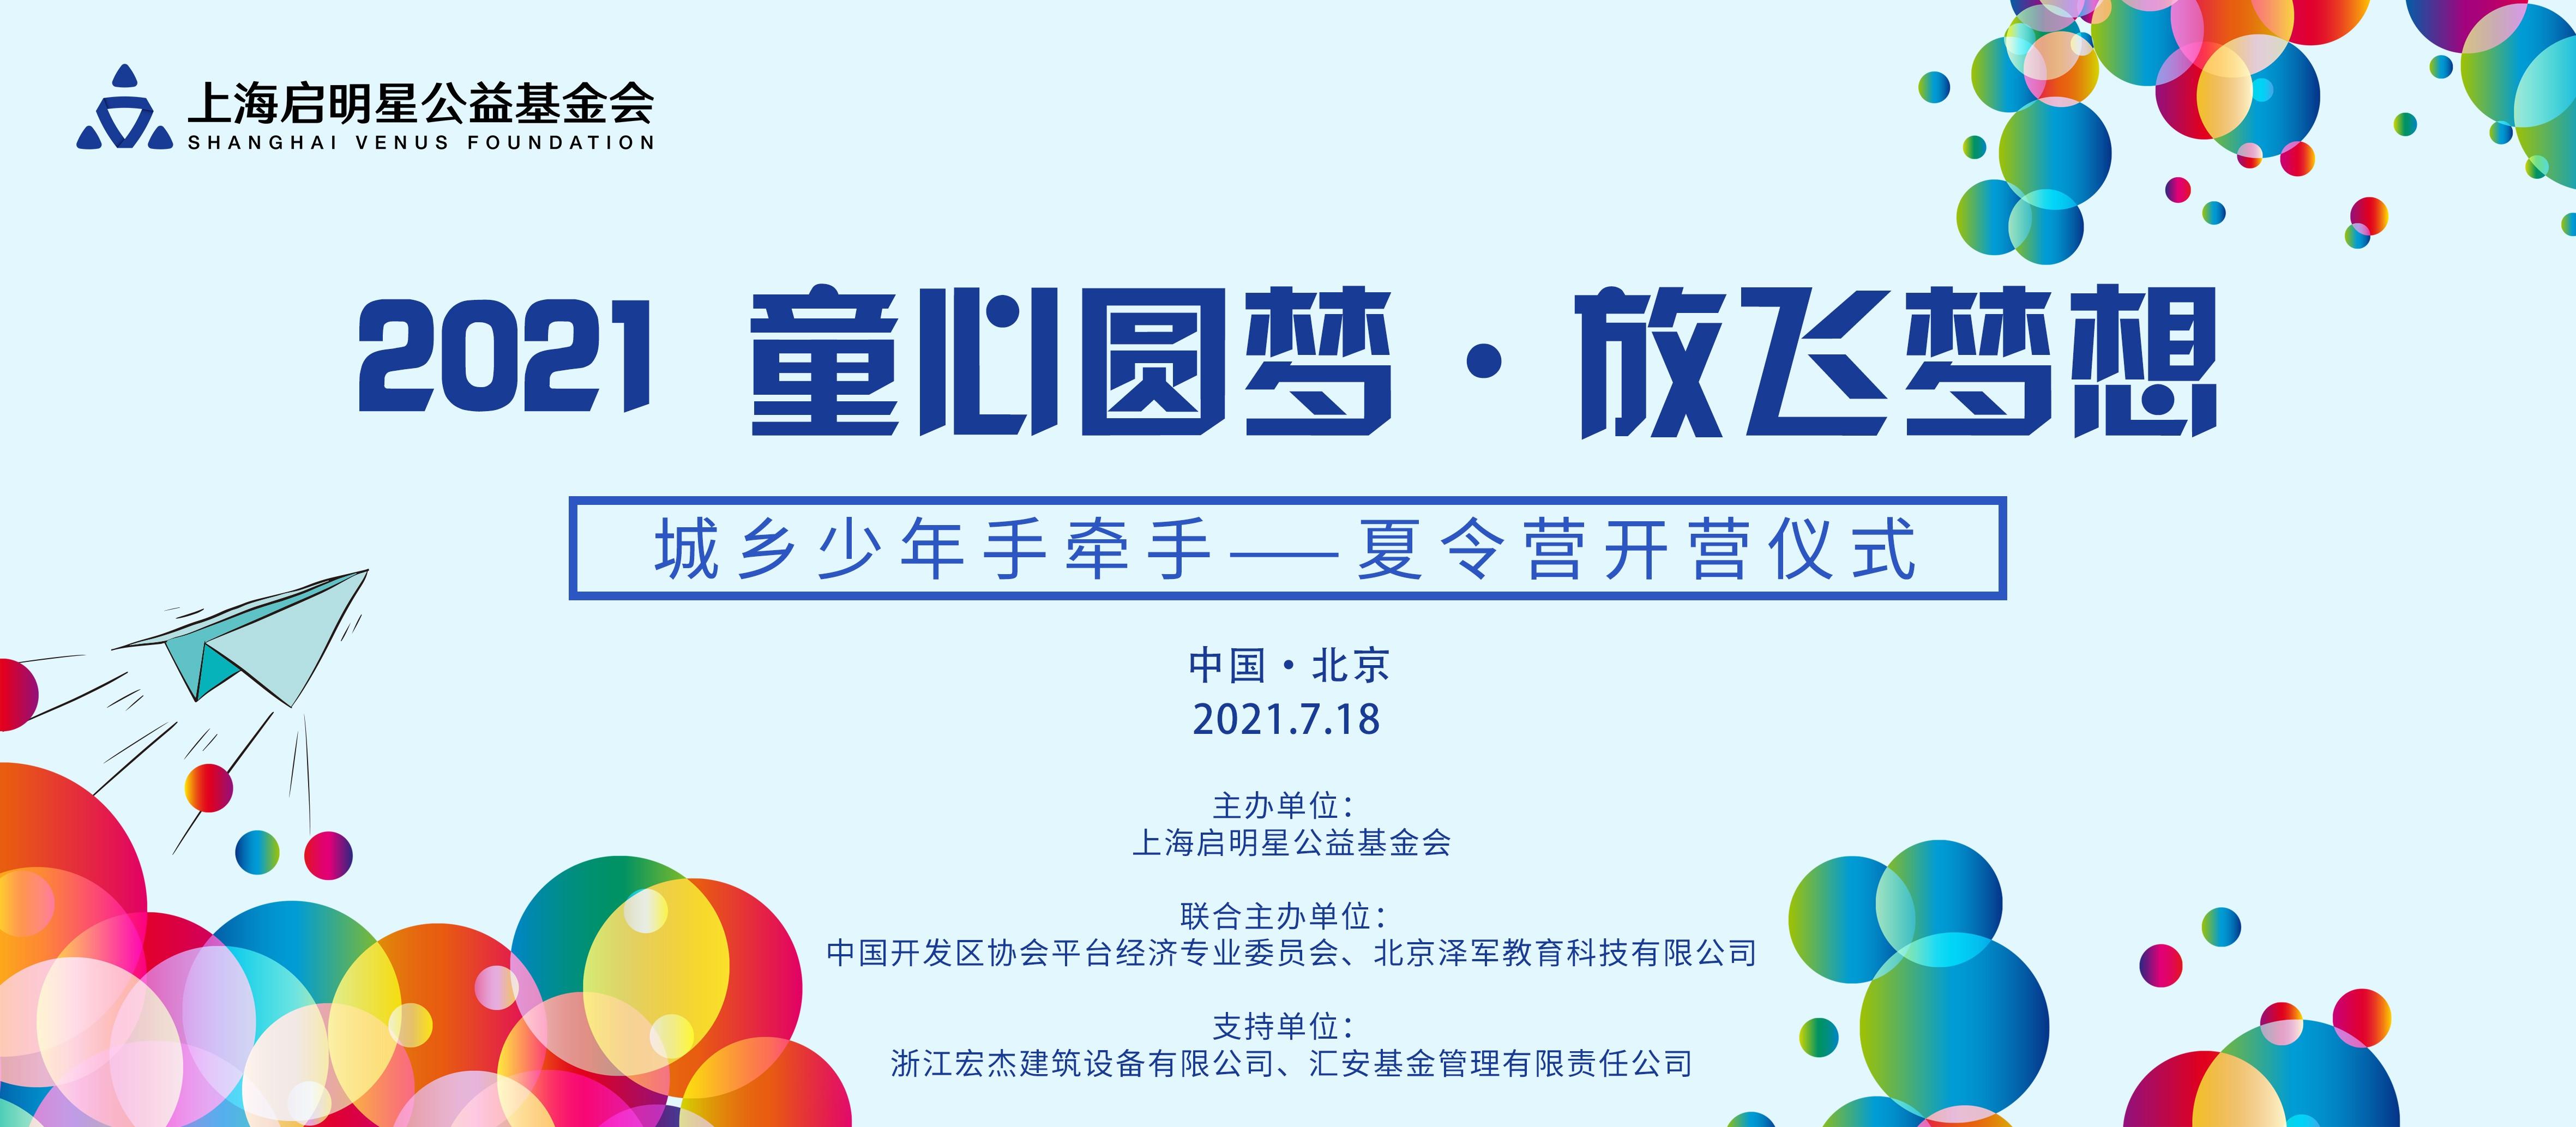 """2021 """"童心圆梦·放飞梦想""""夏令营开营啦"""